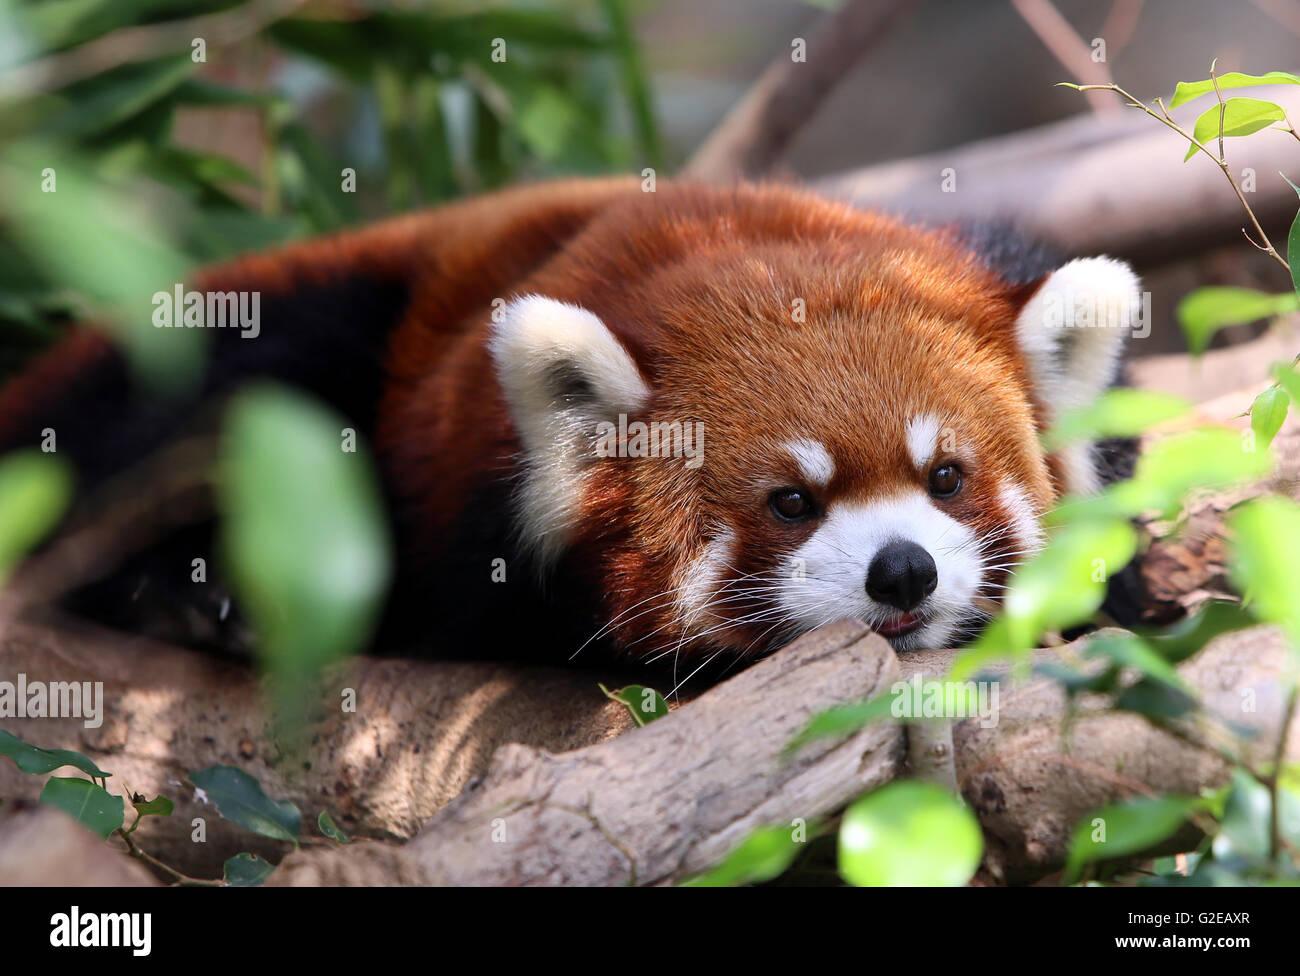 Hong Kong, China. 27th May, 2016. A red panda rests in the Ocean Park in Hong Kong, south China, May 27, 2016. Together - Stock Image